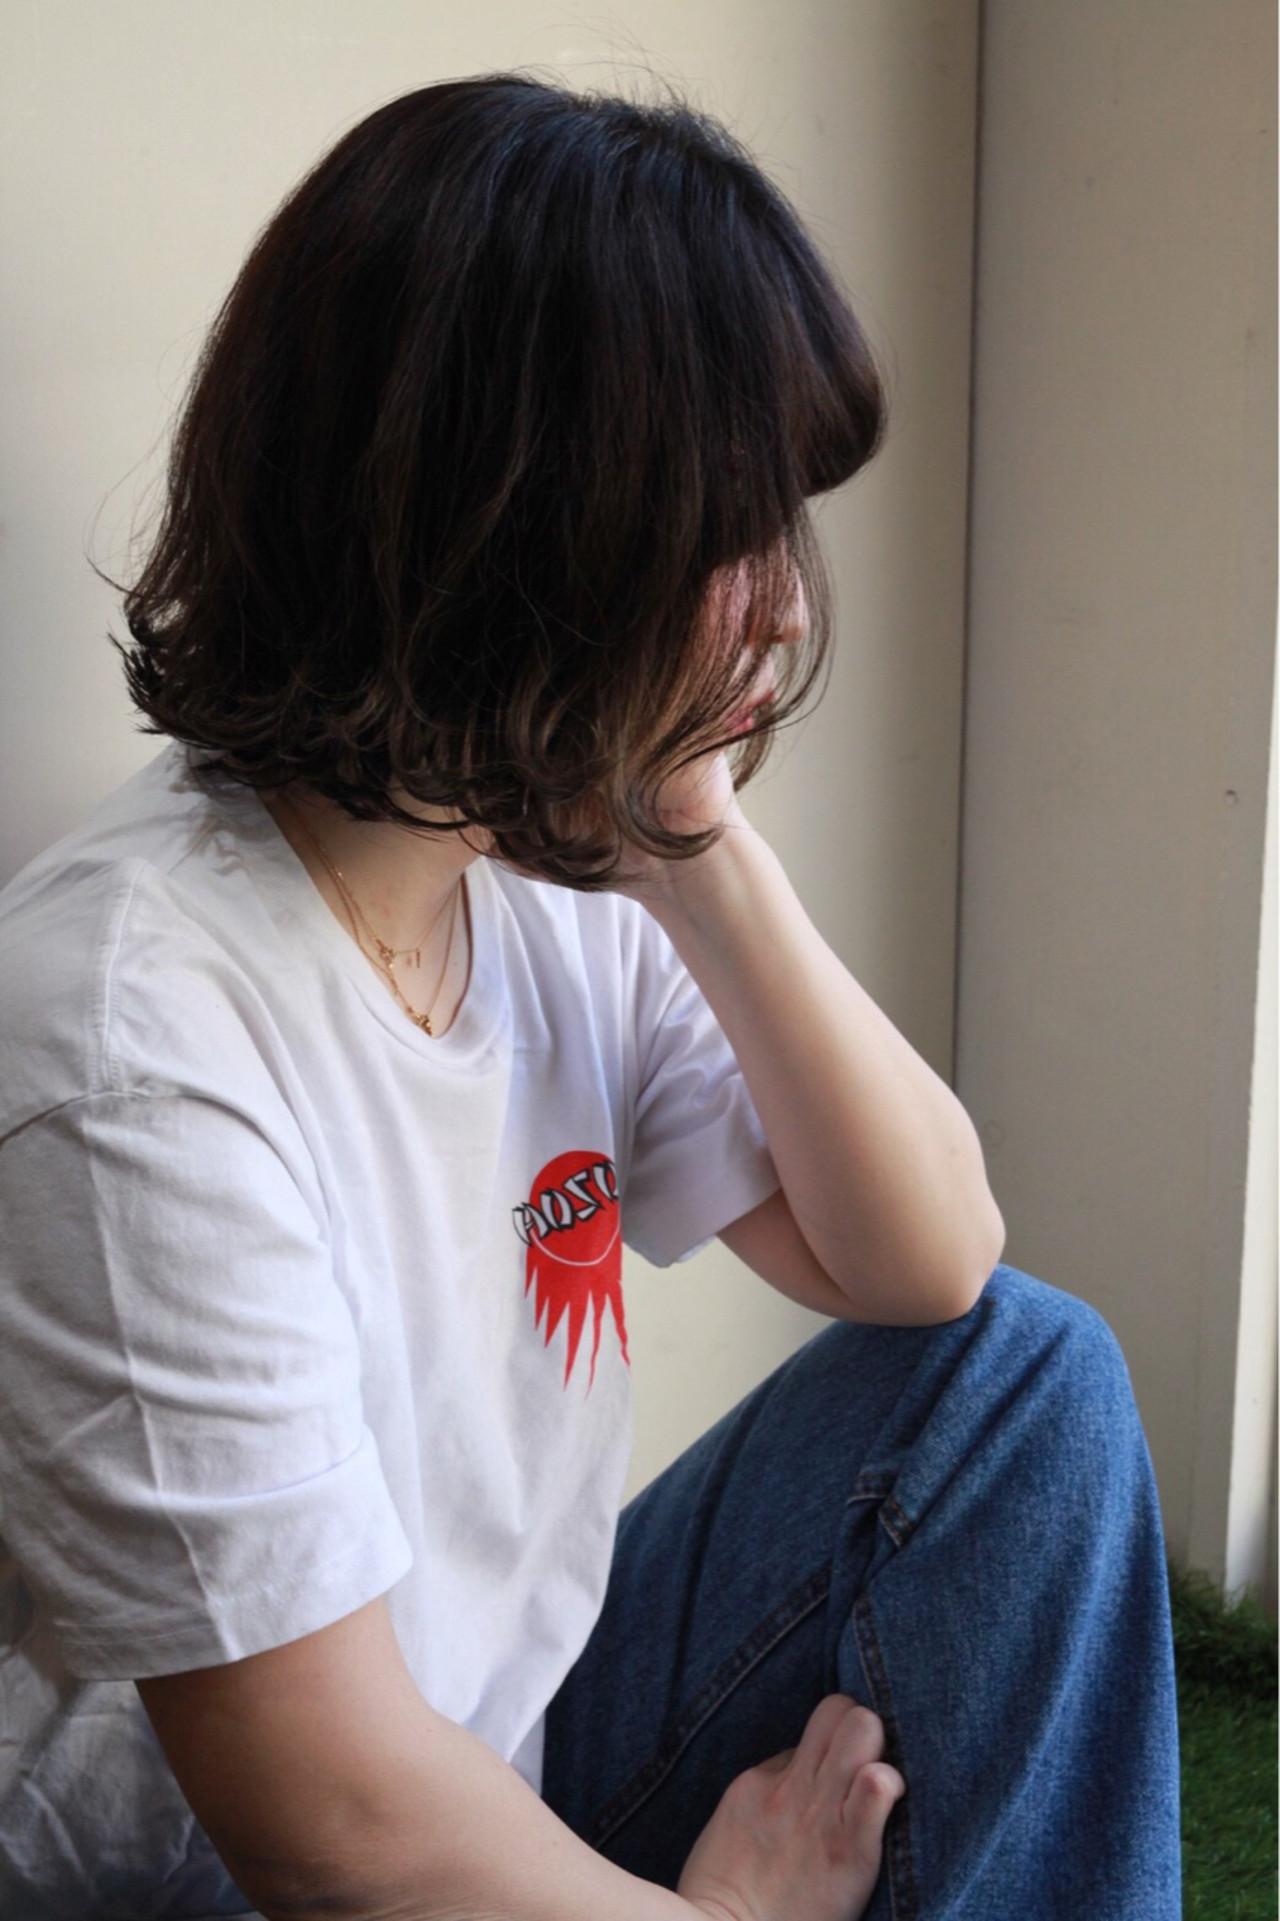 アウトドア アンニュイほつれヘア スポーツ ボブ ヘアスタイルや髪型の写真・画像 | minori..miyauchi /